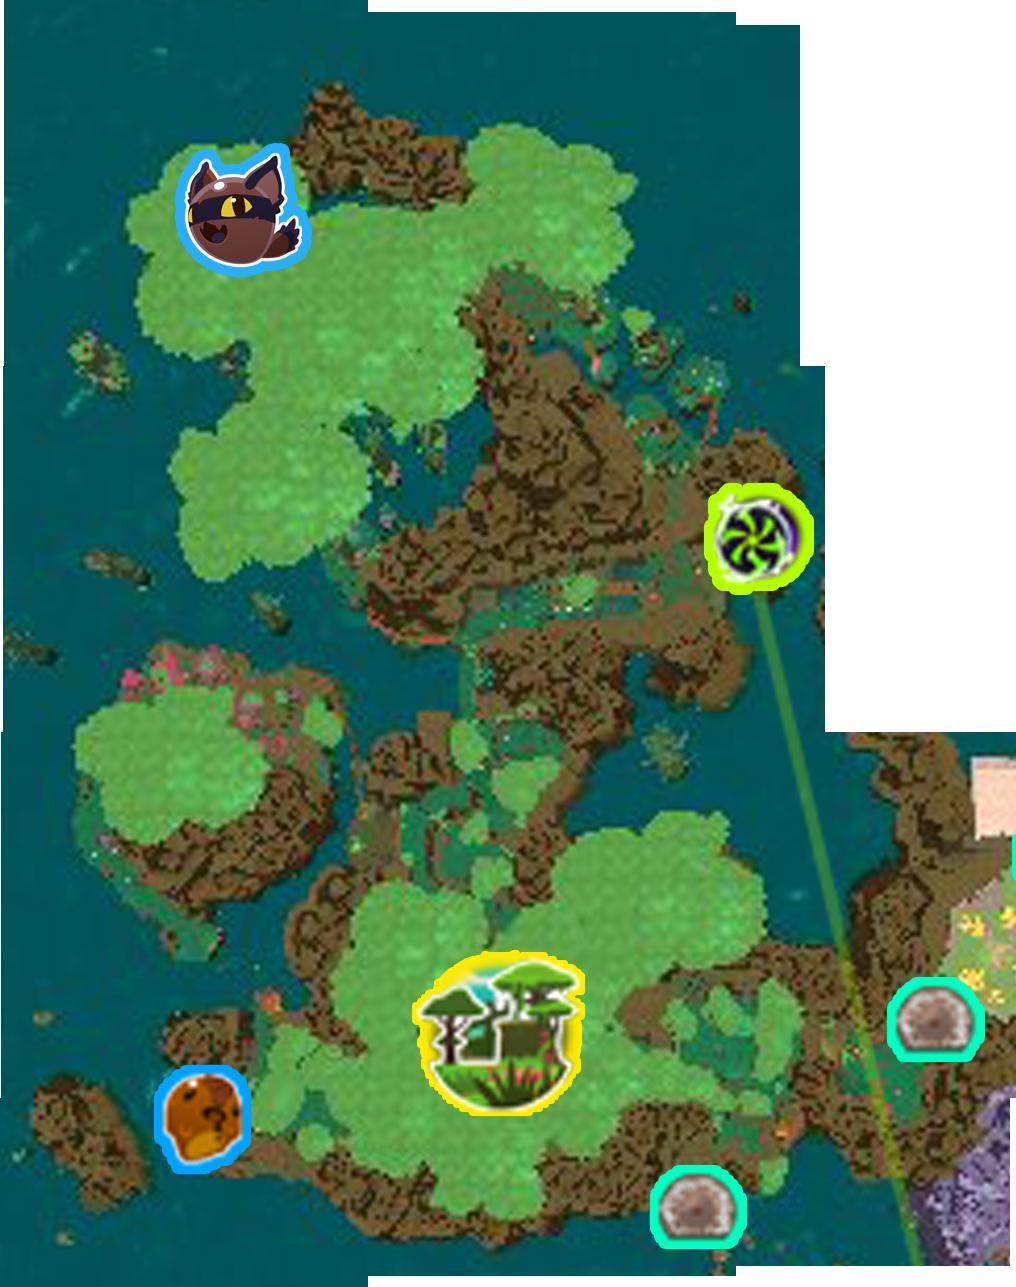 Slime Rancher Map : slime, rancher, Steam, Community, Guide, Slime, Rancher, 0.6.0], Gordo, Teleport